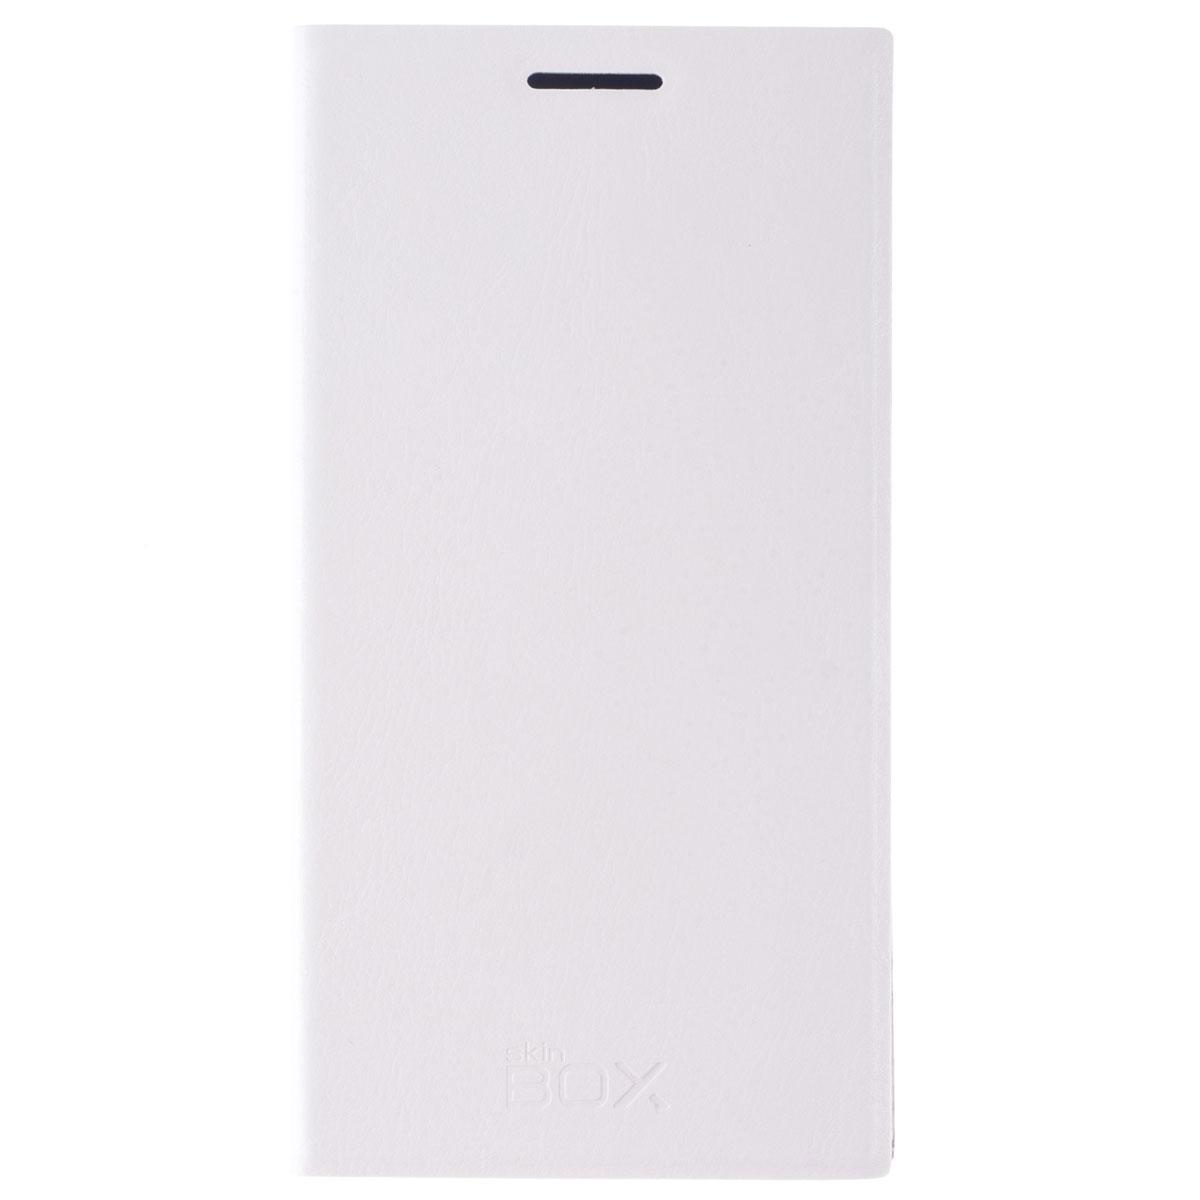 Skinbox Lux чехол для Lenovo P70, WhiteT-S-LP70-003Чехол Skinbox Lux выполнен из высококачественного поликарбоната и экокожи. Он обеспечивает надежную защиту корпуса и экрана смартфона и надолго сохраняет его привлекательный внешний вид. Чехол также обеспечивает свободный доступ ко всем разъемам и клавишам устройства.